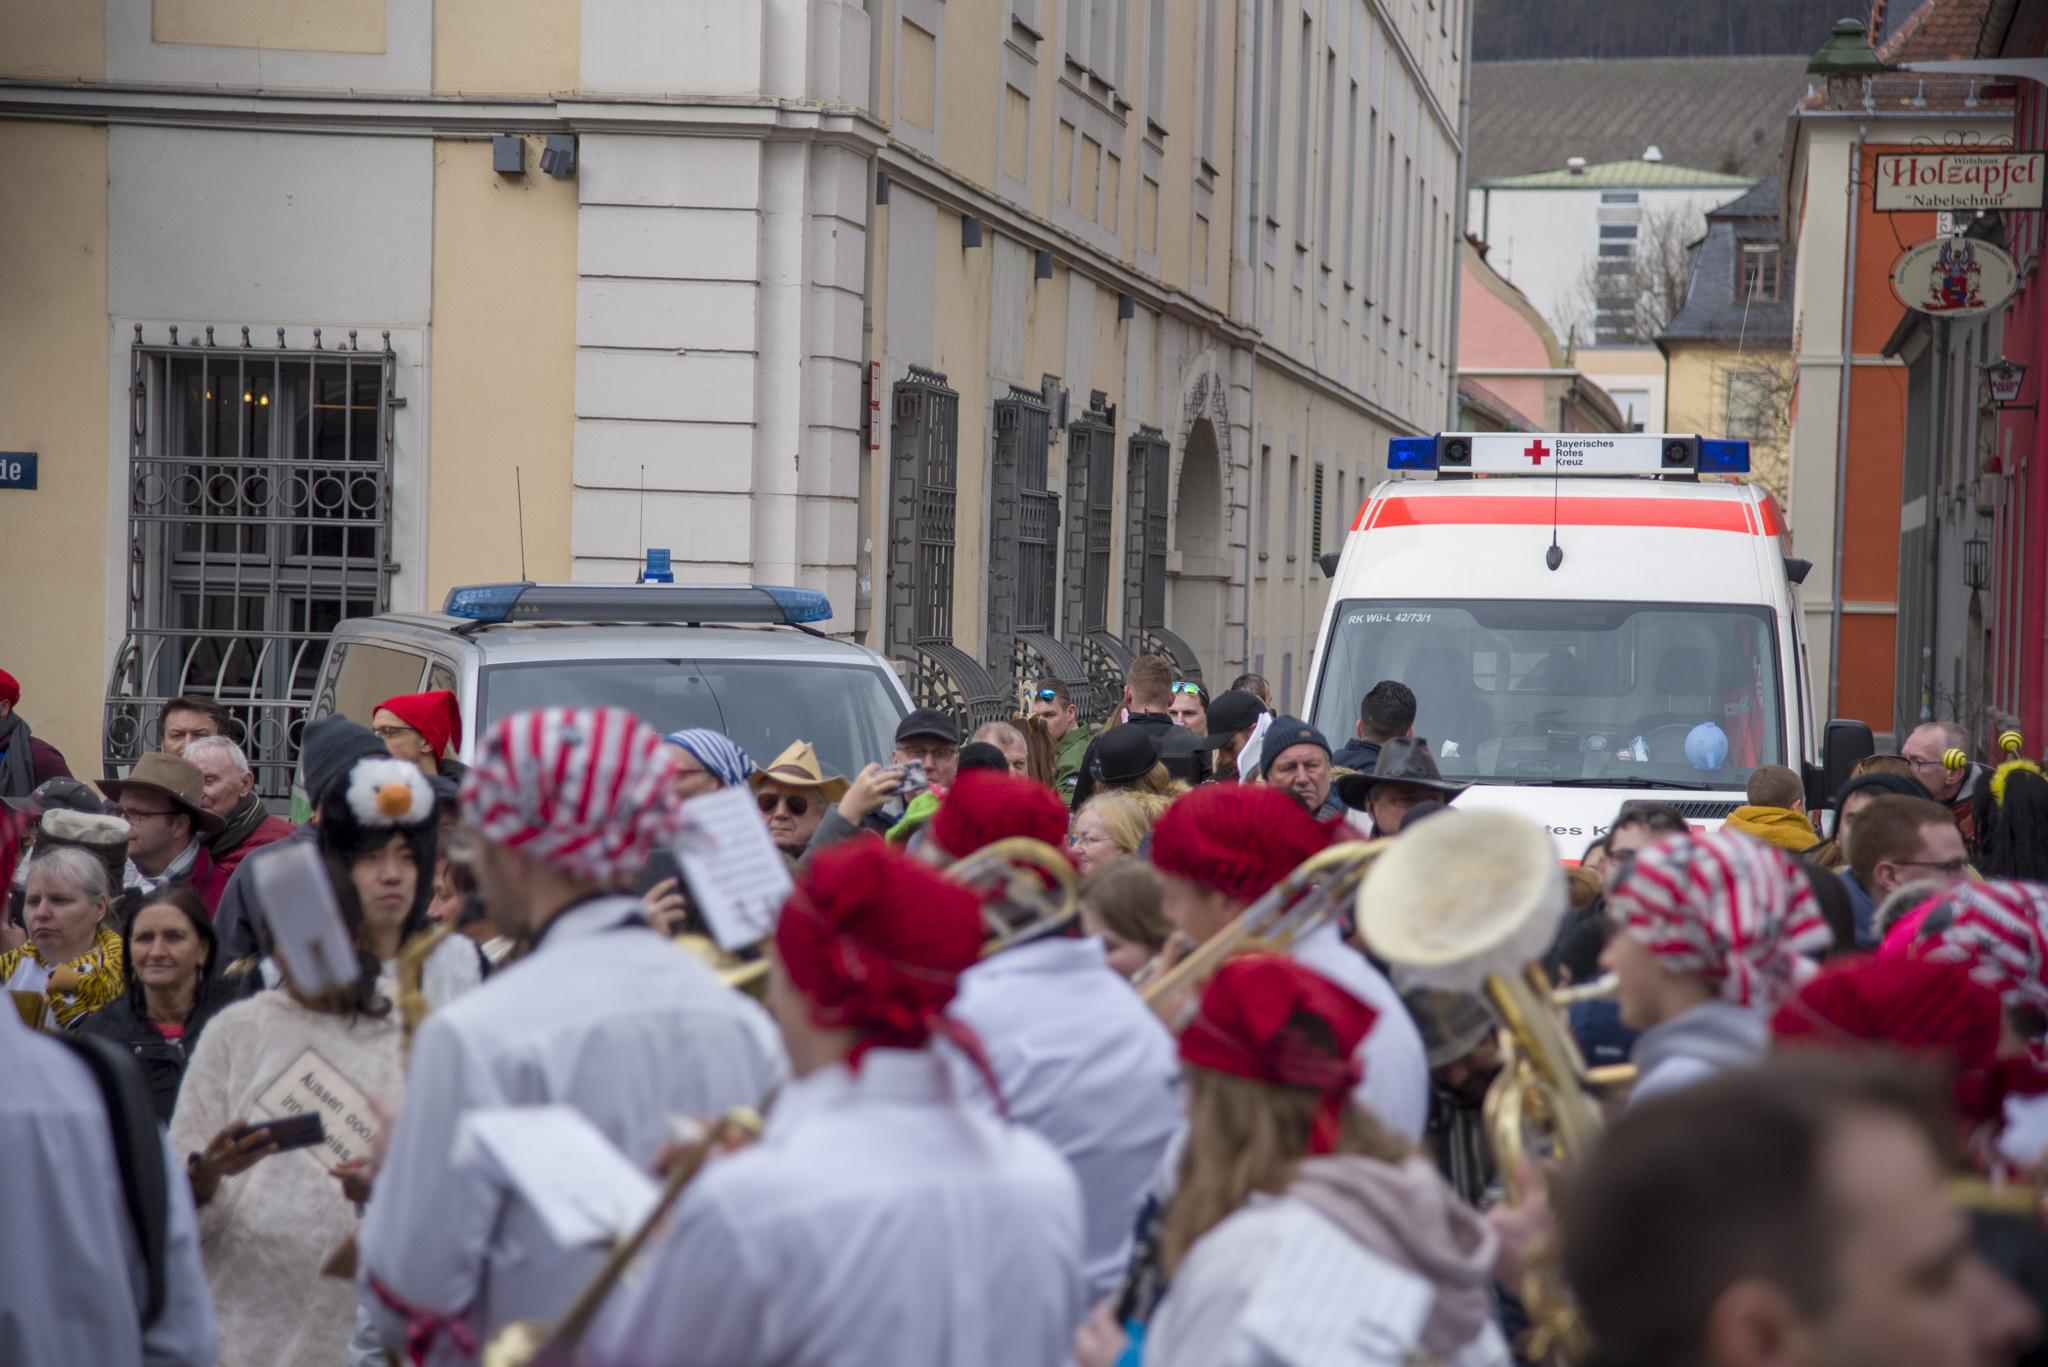 Einsatzkräfte am Faschingszug in Würzburg. Foto: Pascal Höfig